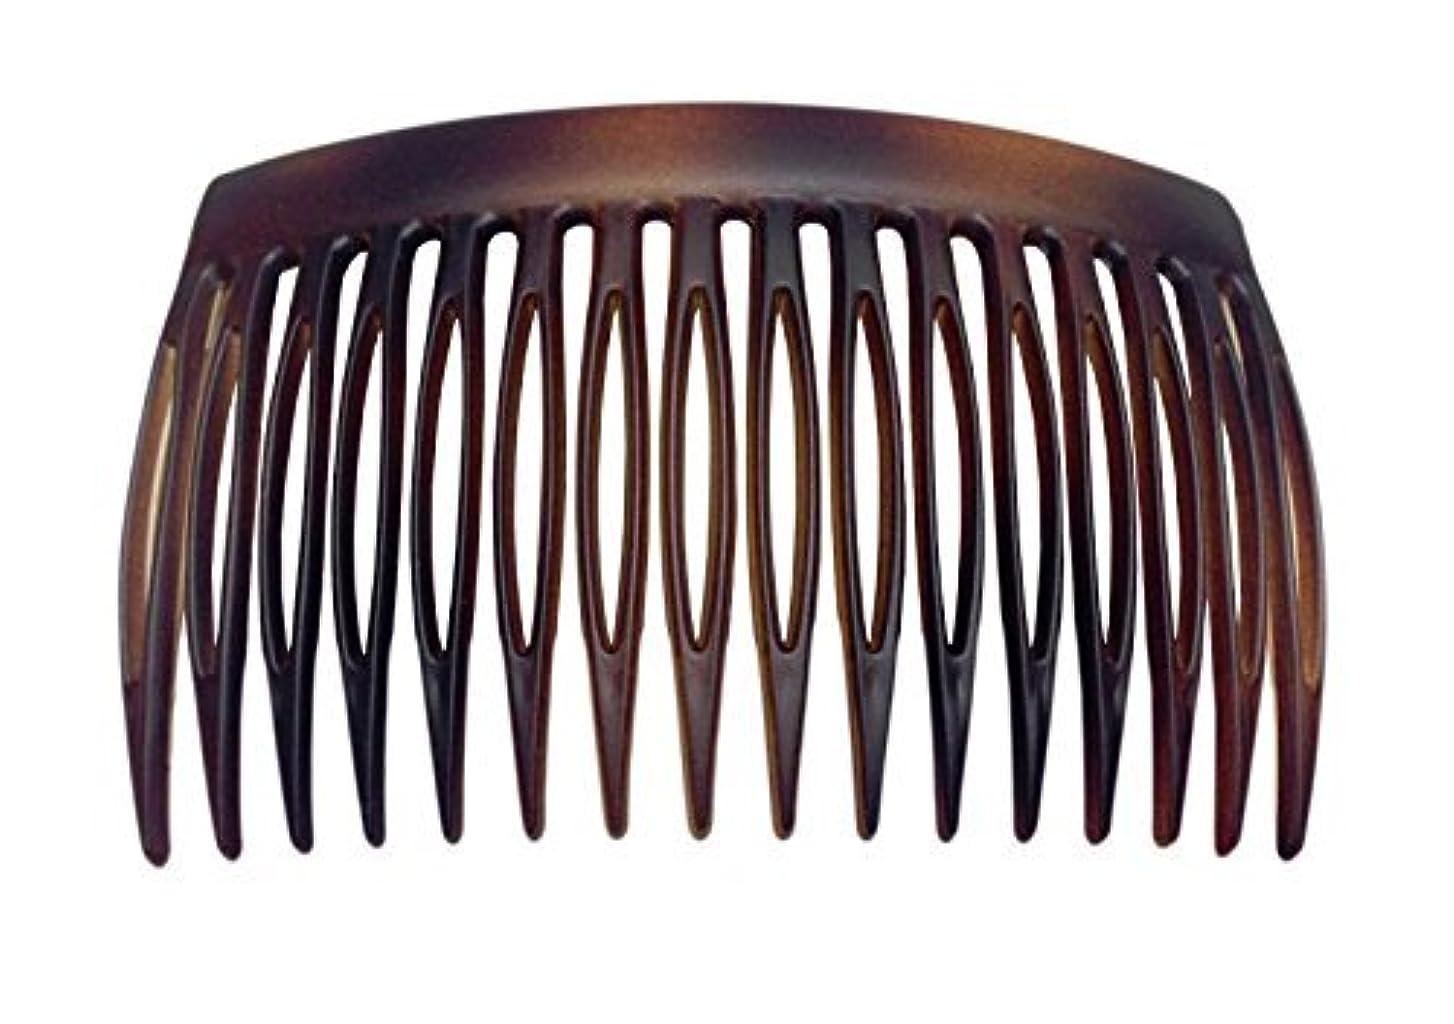 高齢者フレッシュ素晴らしさParcelona French 2 Pieces Matte Finish Celluloid Shell Good Grip 16 Teeth Hair Side Combs -2.75 Inch (2 Pcs) [並行輸入品]